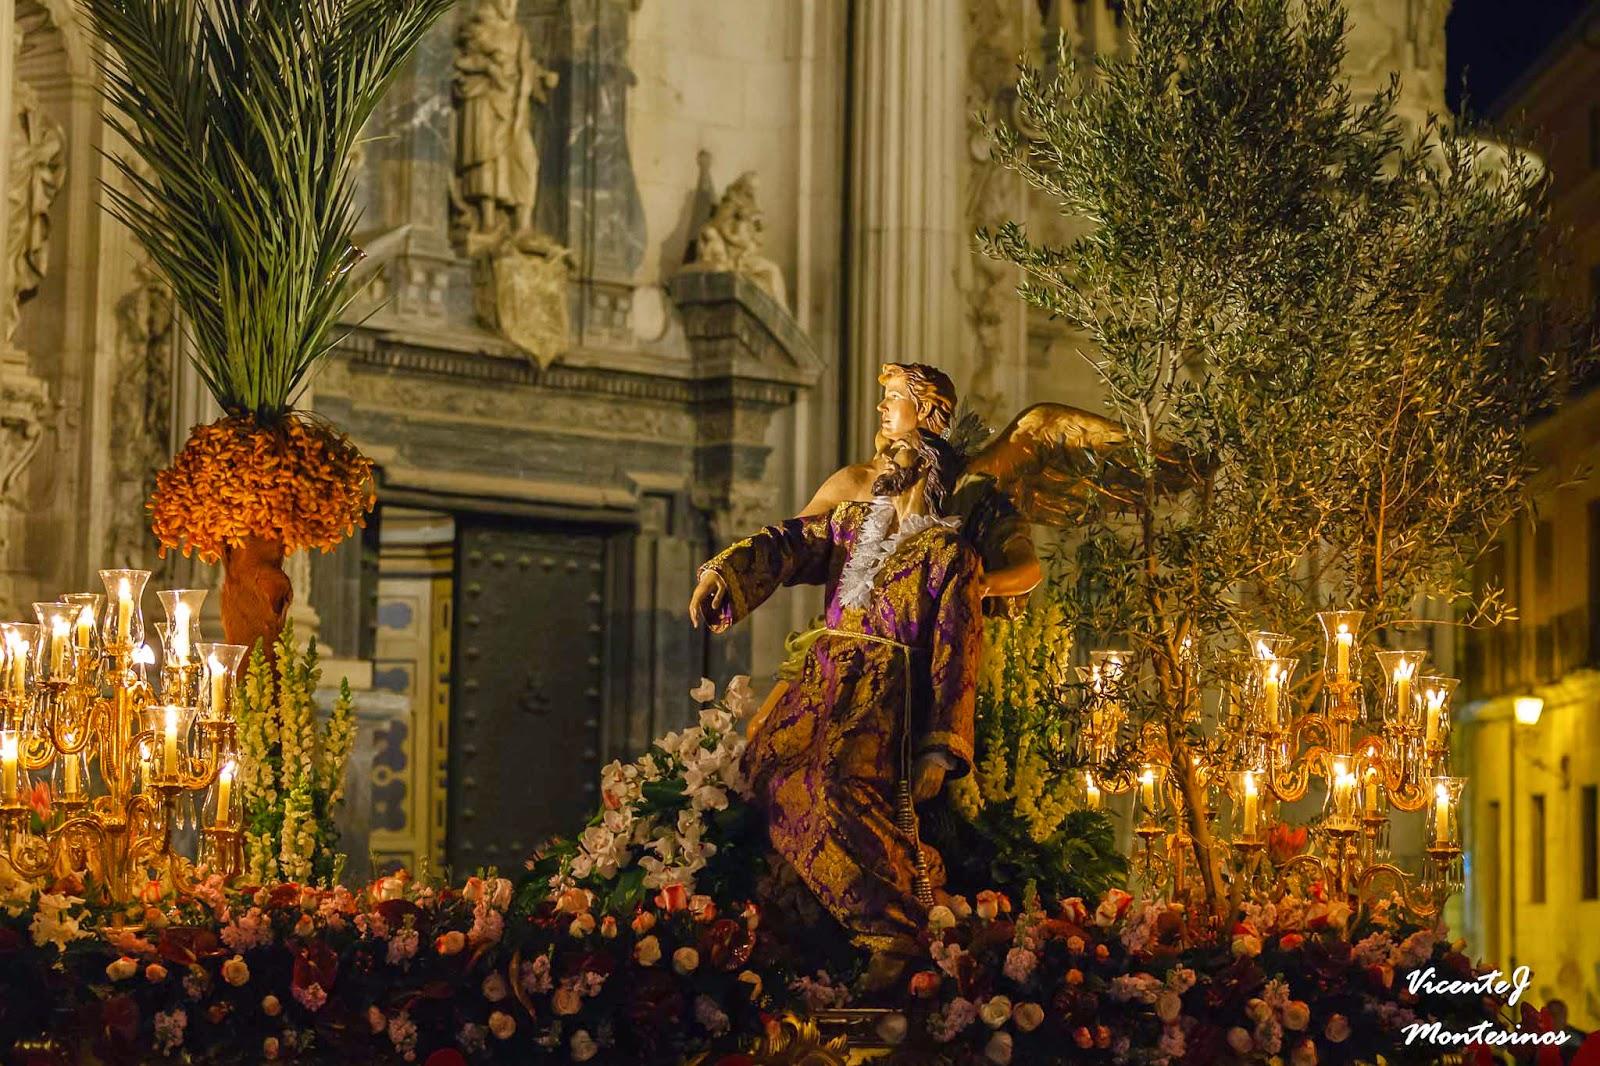 Oración Semana Santa Murcia escultura 5